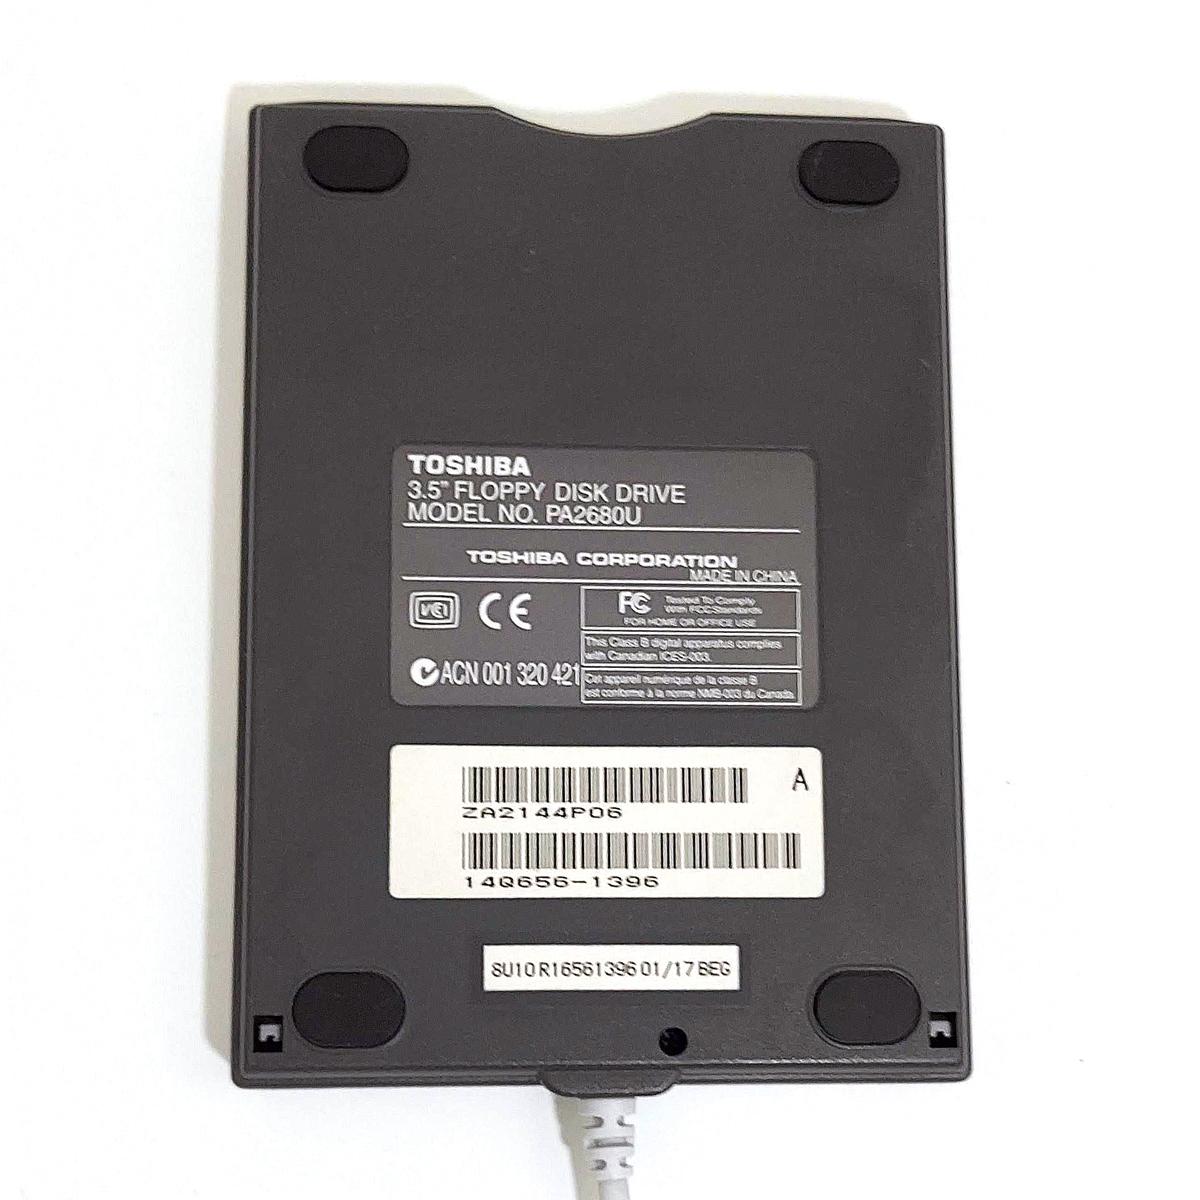 東芝 TOSHIBA USB接続 3.5インチ FDDユニット フロッピーディスクドライブ PA2680U